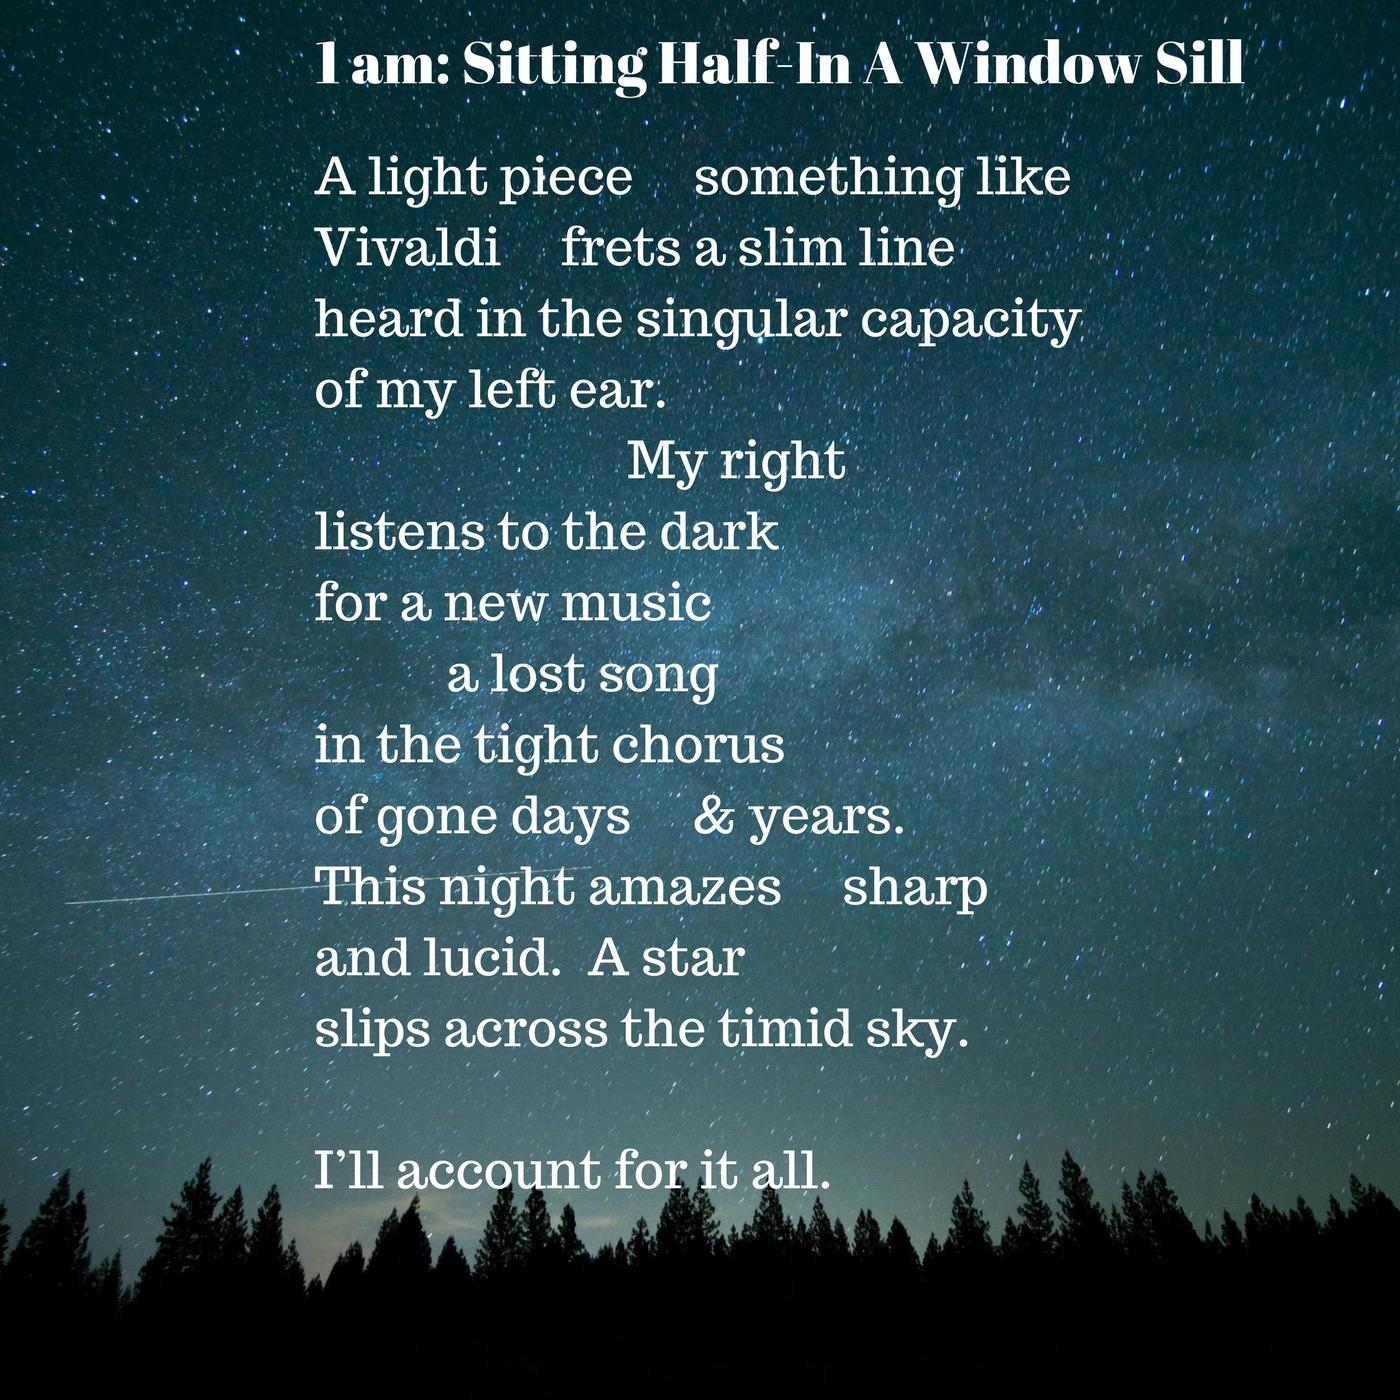 1 am_ Sitting Half-In A Window Sill (1).jpg